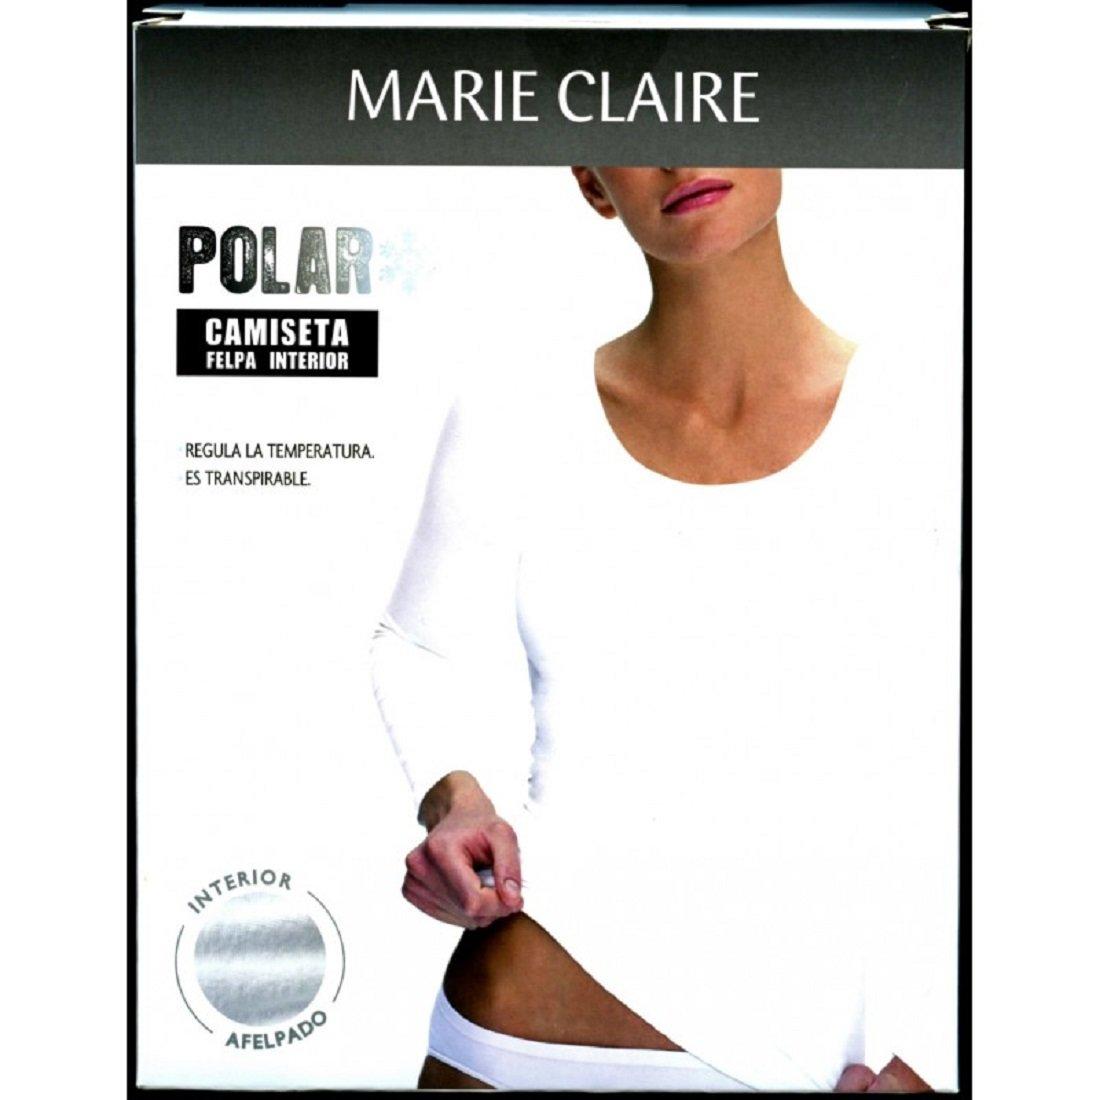 MARIE CLAIRE 51341 - CAMISETA TERMICA MUJER: Amazon.es: Ropa y accesorios